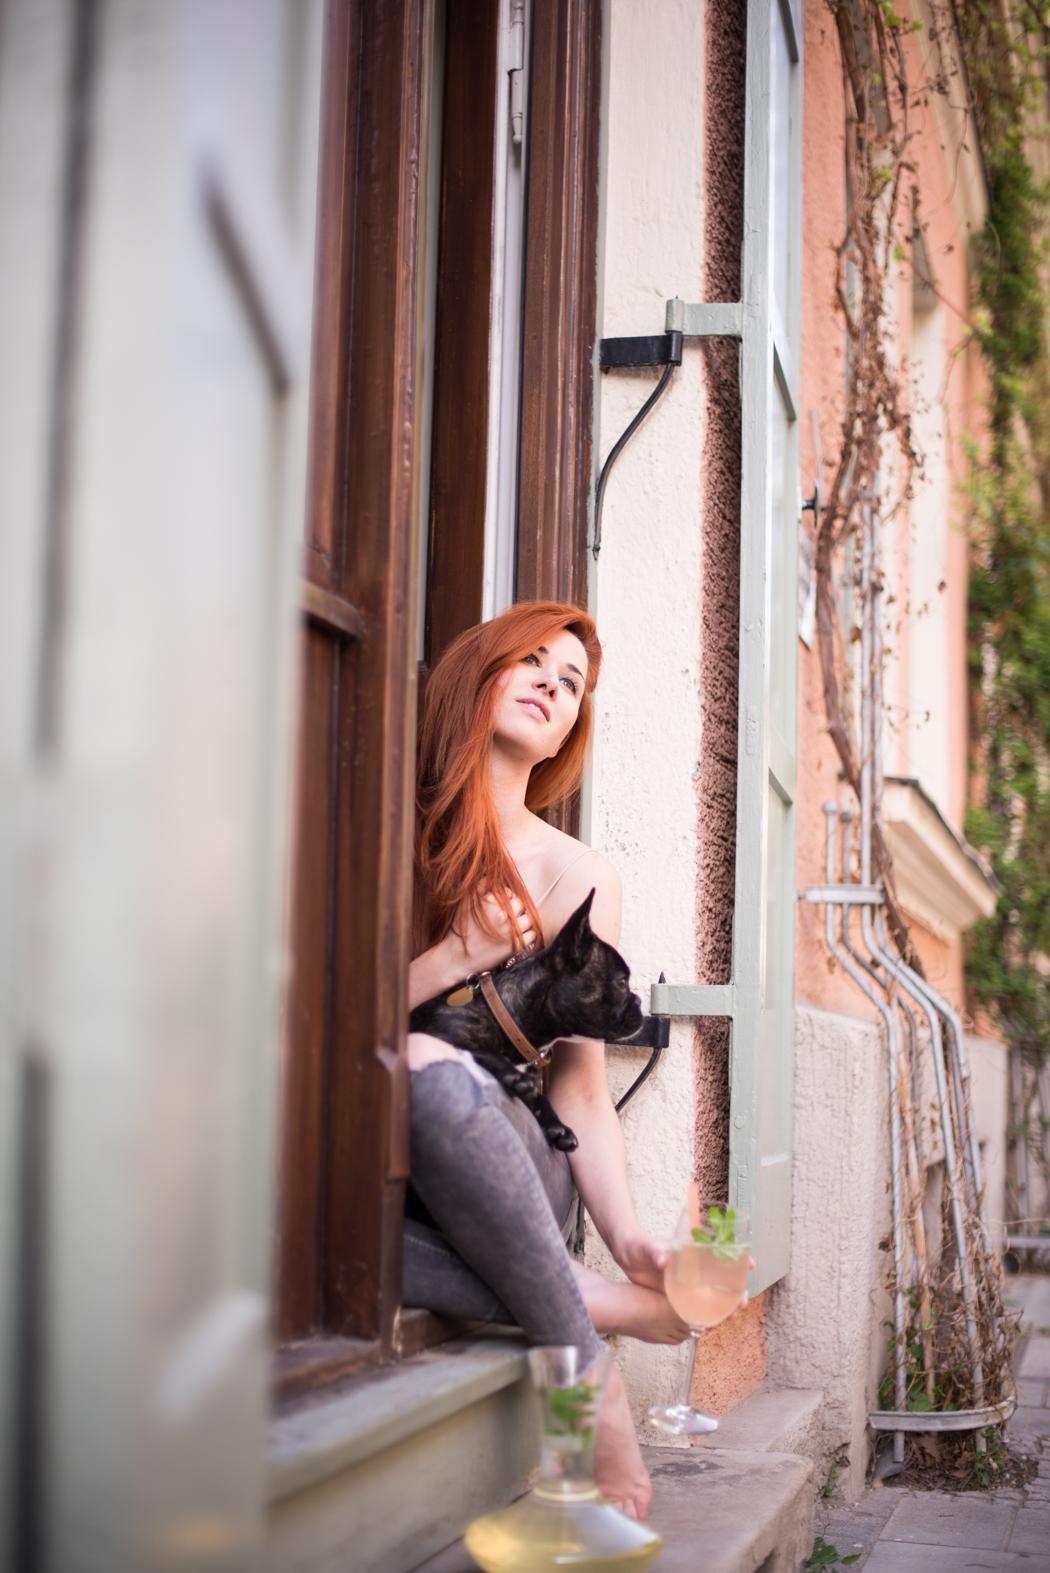 Fashionblog-München-Fashionblogger-Munich-Deutschland-Lindarella-Büro-Hund-Französische-Bulldogge-Vicky-Blog-Lifestyle-rote-Haare-Redhead-Fashion Blog-1